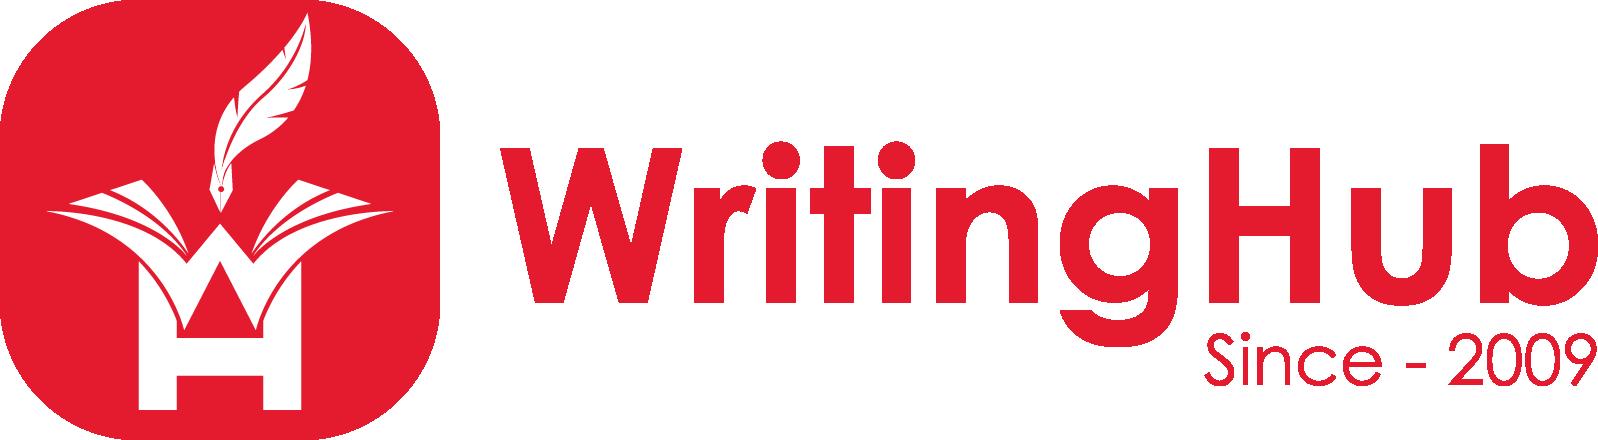 Read Writing Hub Reviews